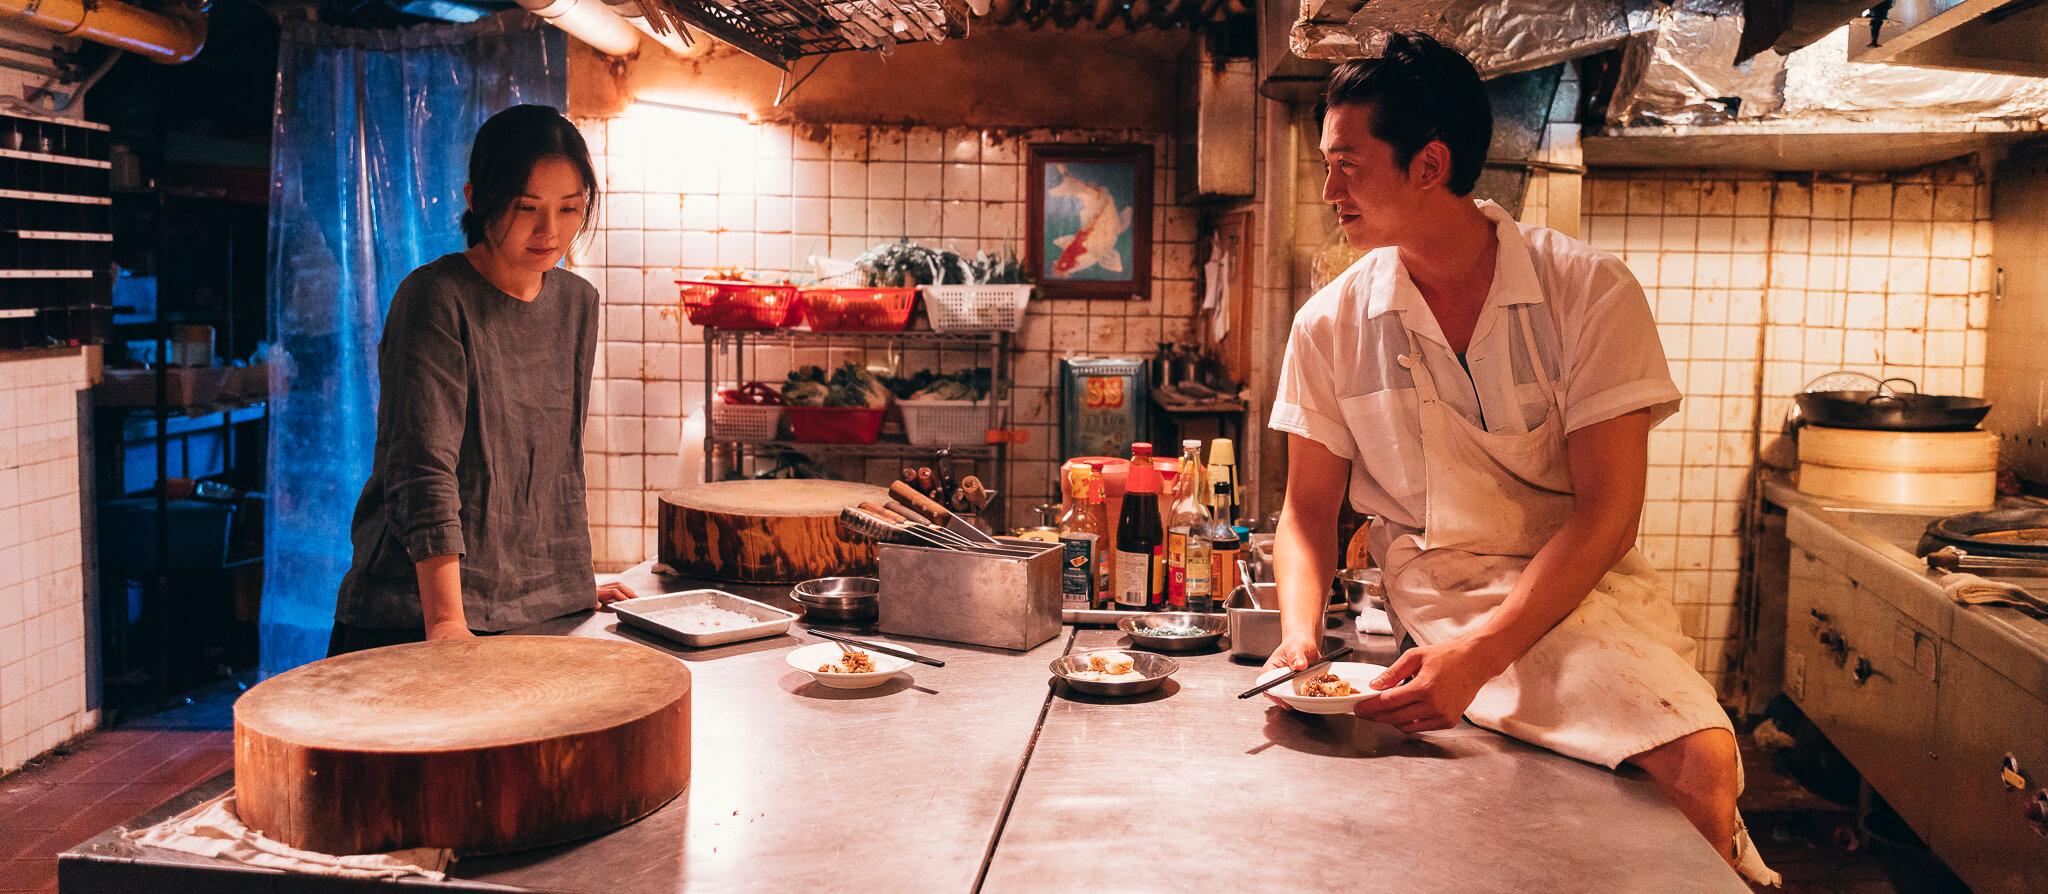 新作《非分熟女》講述男女主角如何透過食物尋回家庭回憶和填充失落的情感